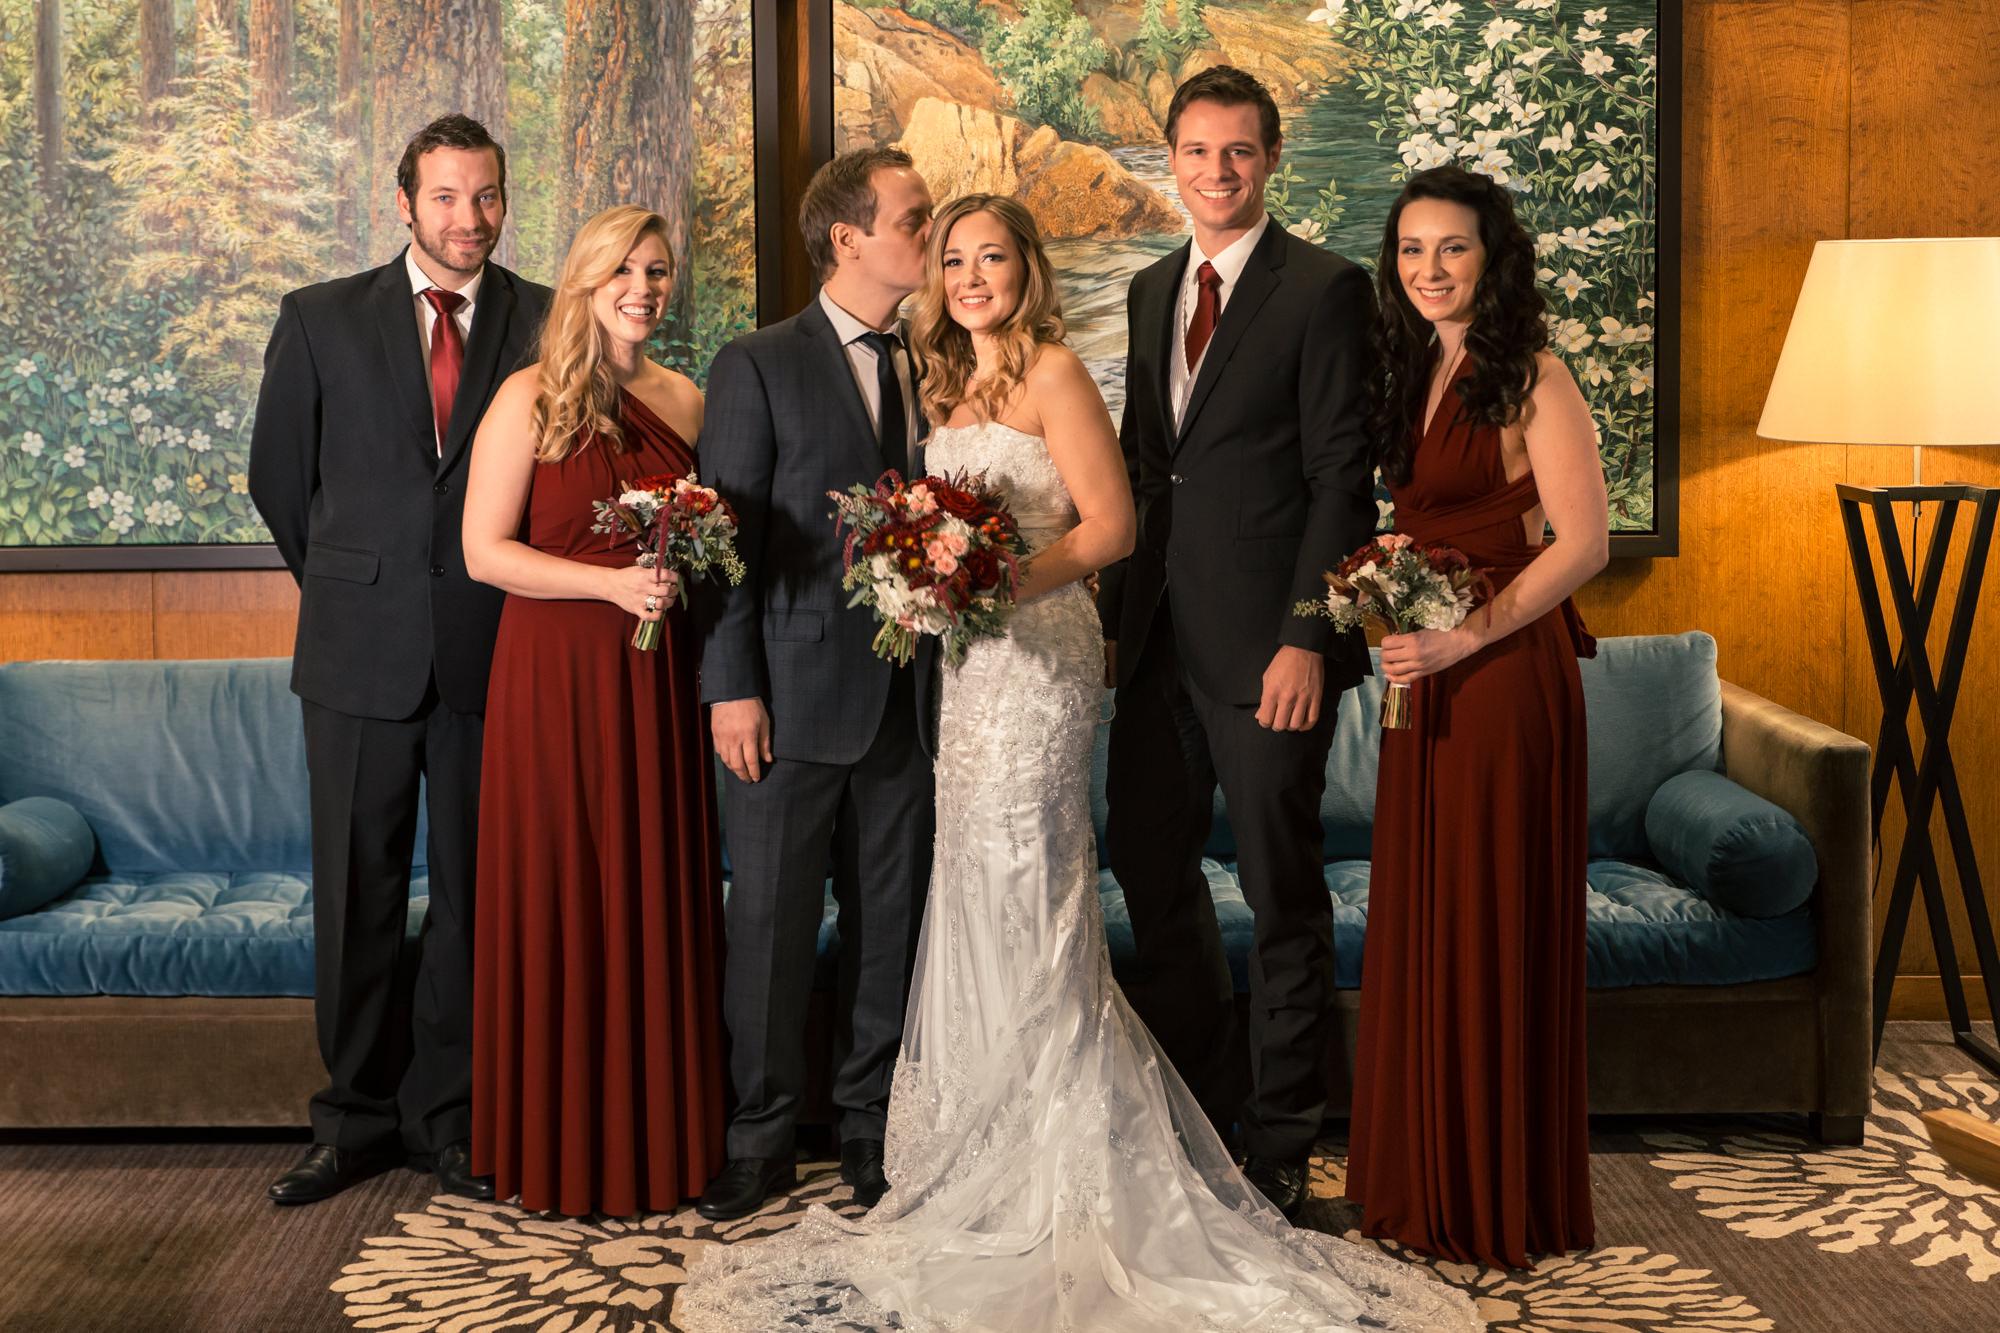 13-four-seasons-hotel-wedding-party.jpg